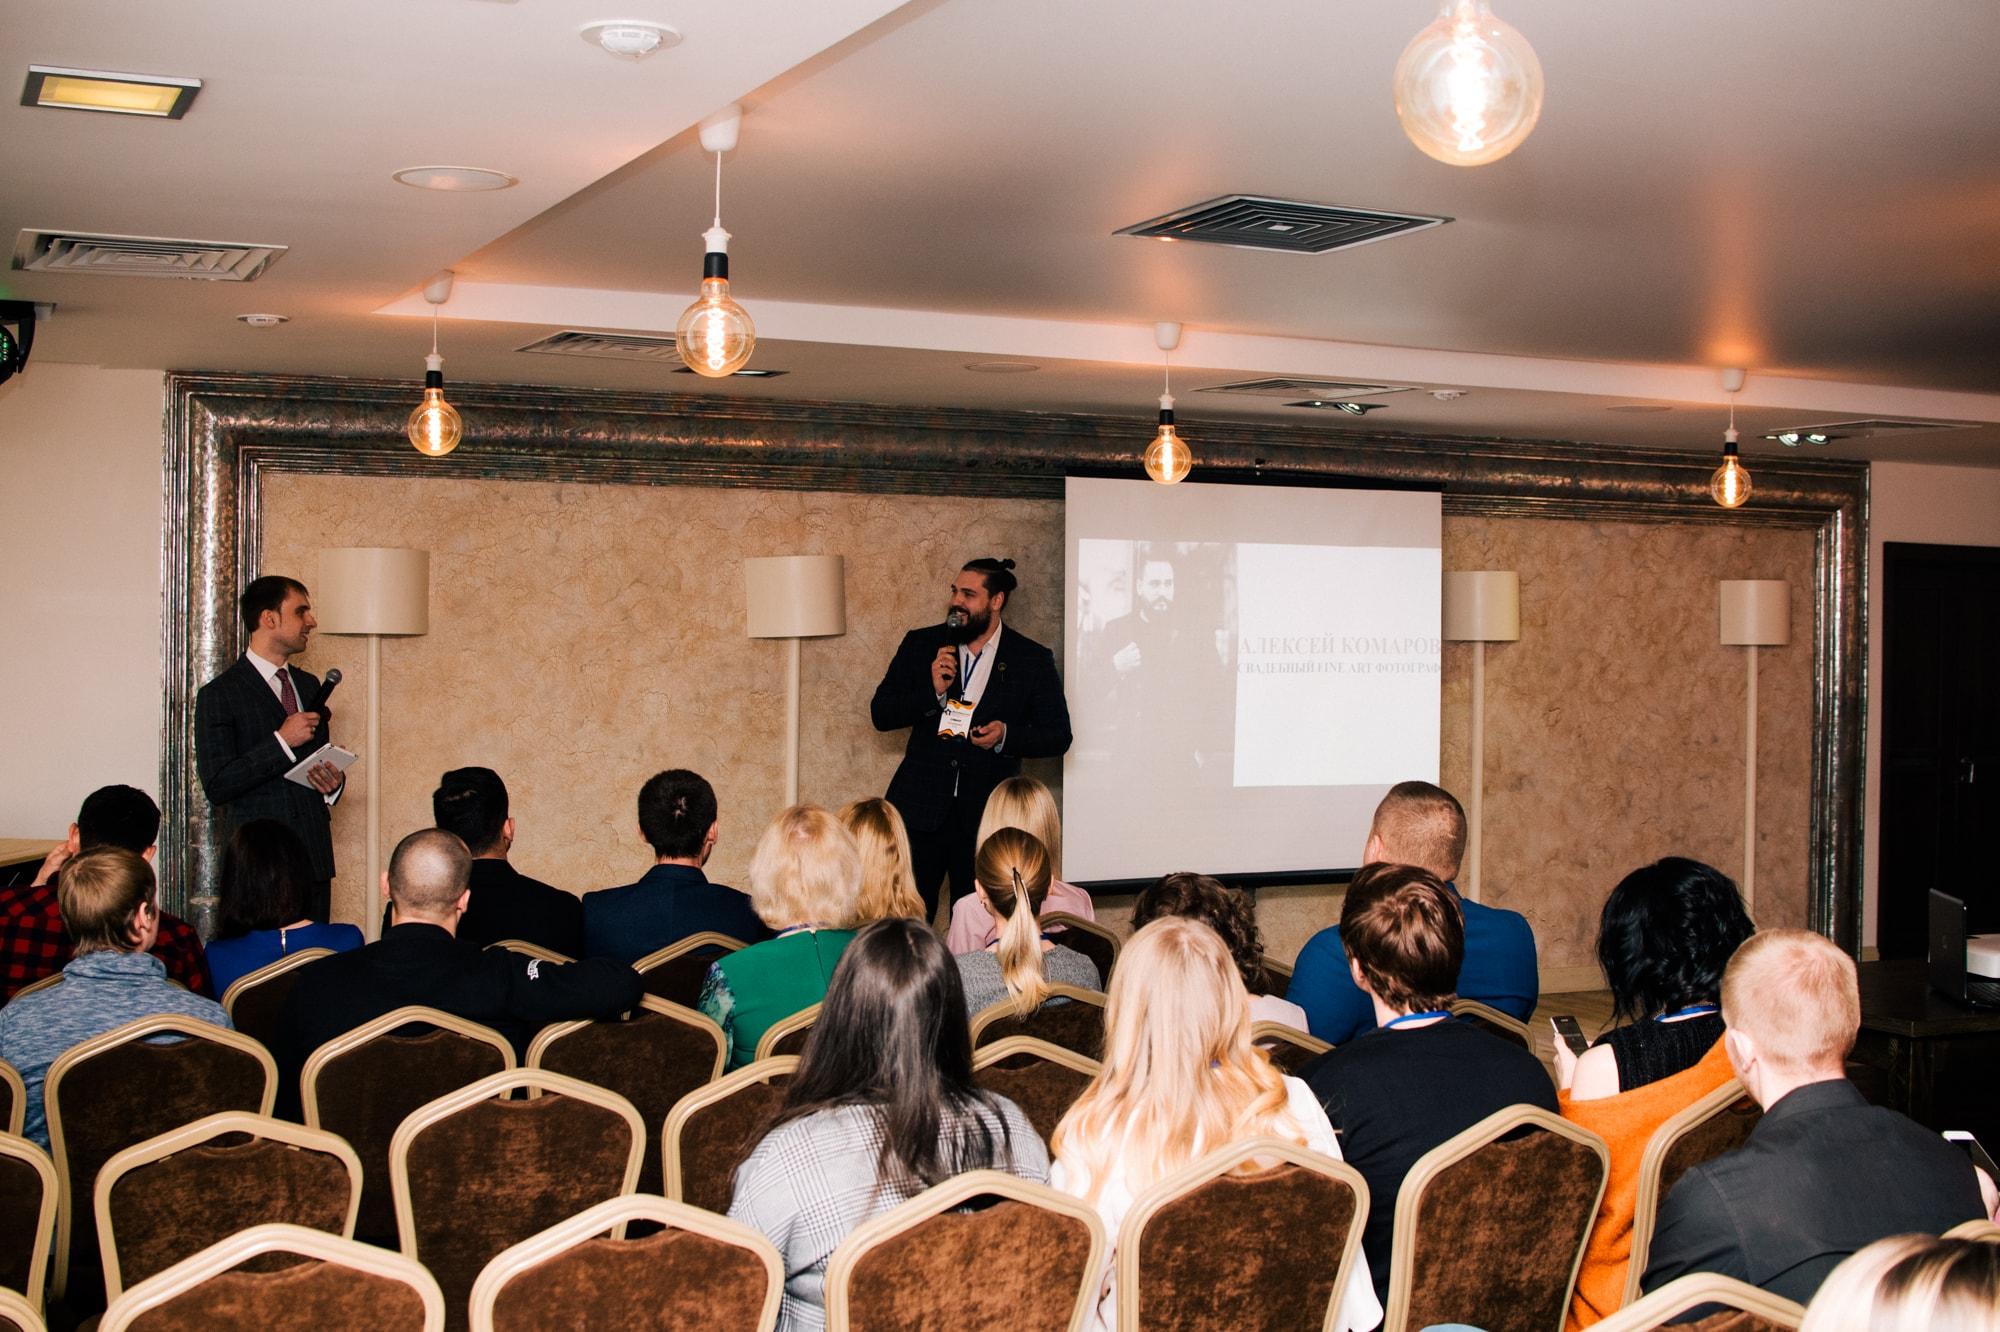 События  Wedding & Event Business форум в Курске: праздничные специалисты о свадебных трендах 2018